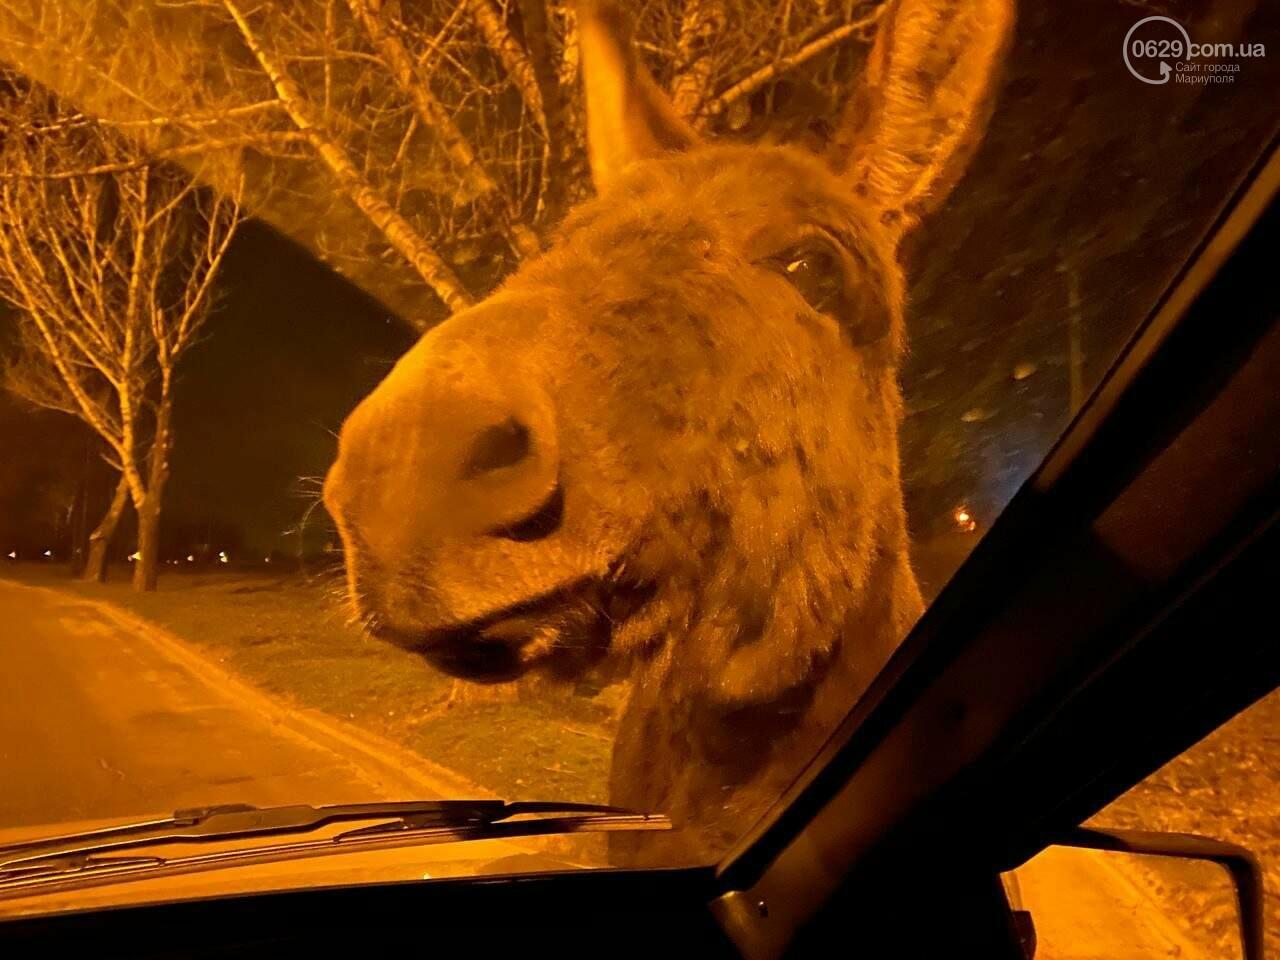 Мариупольских водителей напугали два осла, - ФОТО, фото-1